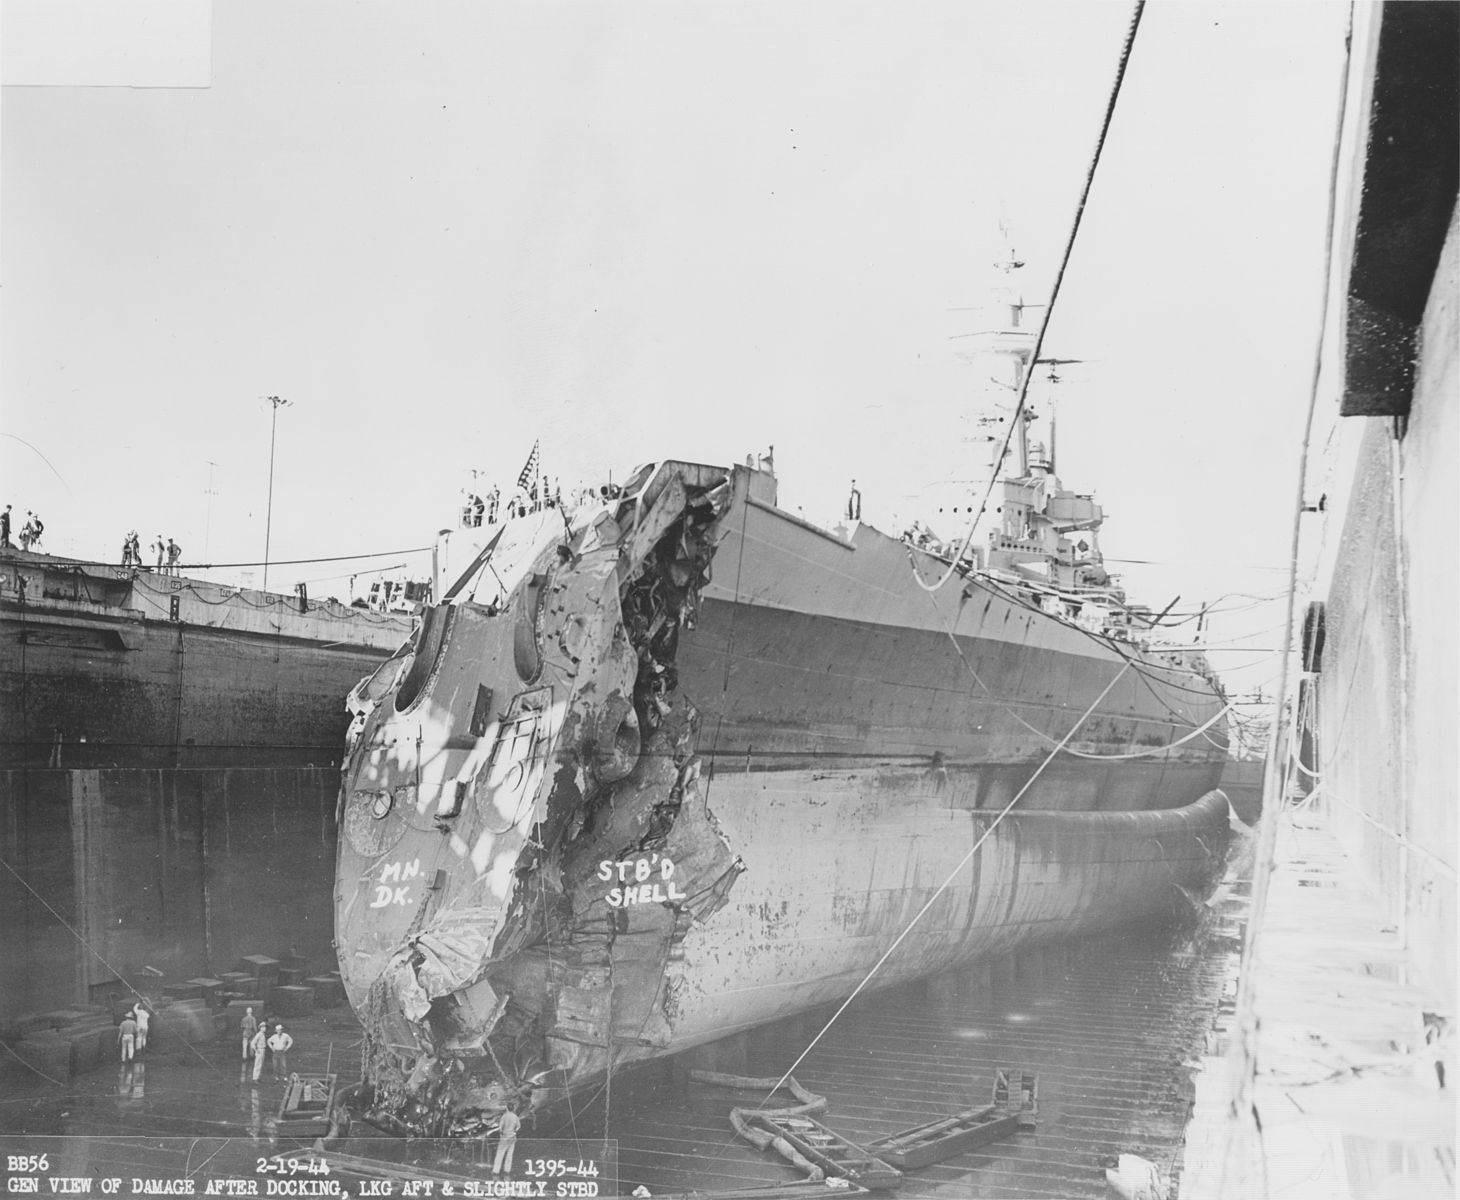 USS Washington damage after collision NARA BS 109965 - Photo prise le 19 février 1944 montrant l'USS Washington en cale sèche après avoir percuté le USS Indiana en entrant dans le port de Pearl